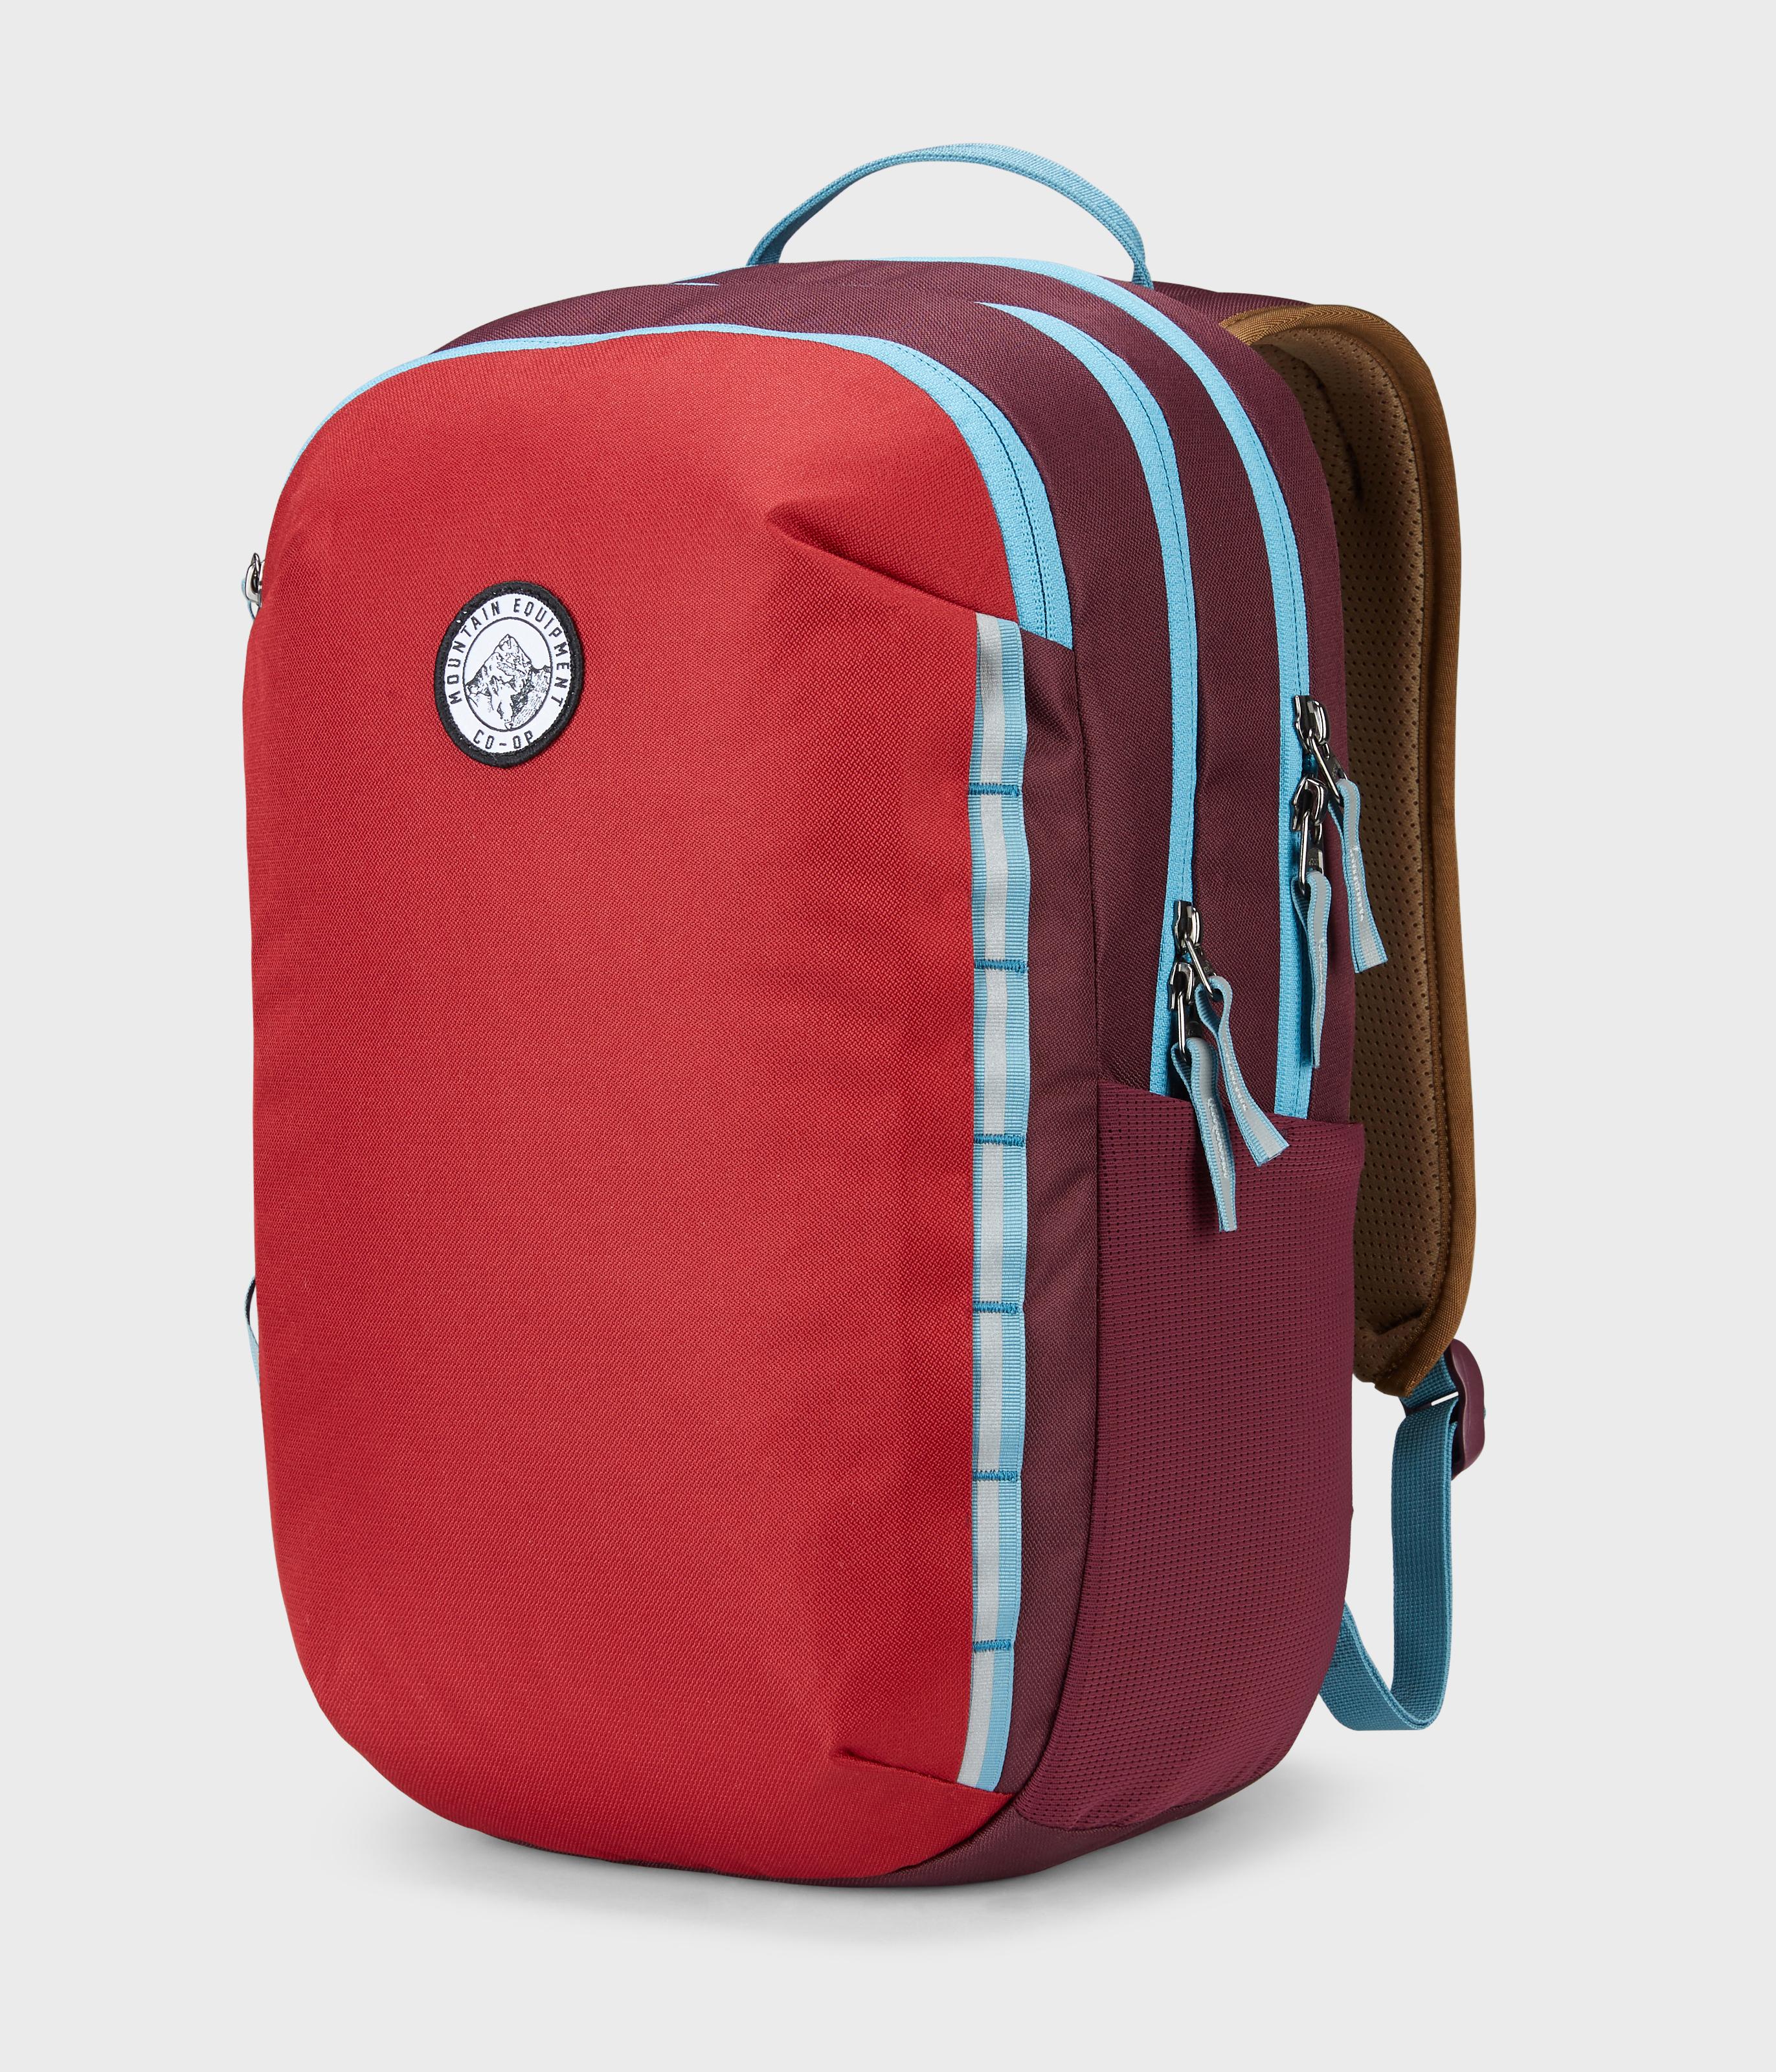 ce2ac3ec41 Packs and bags | MEC